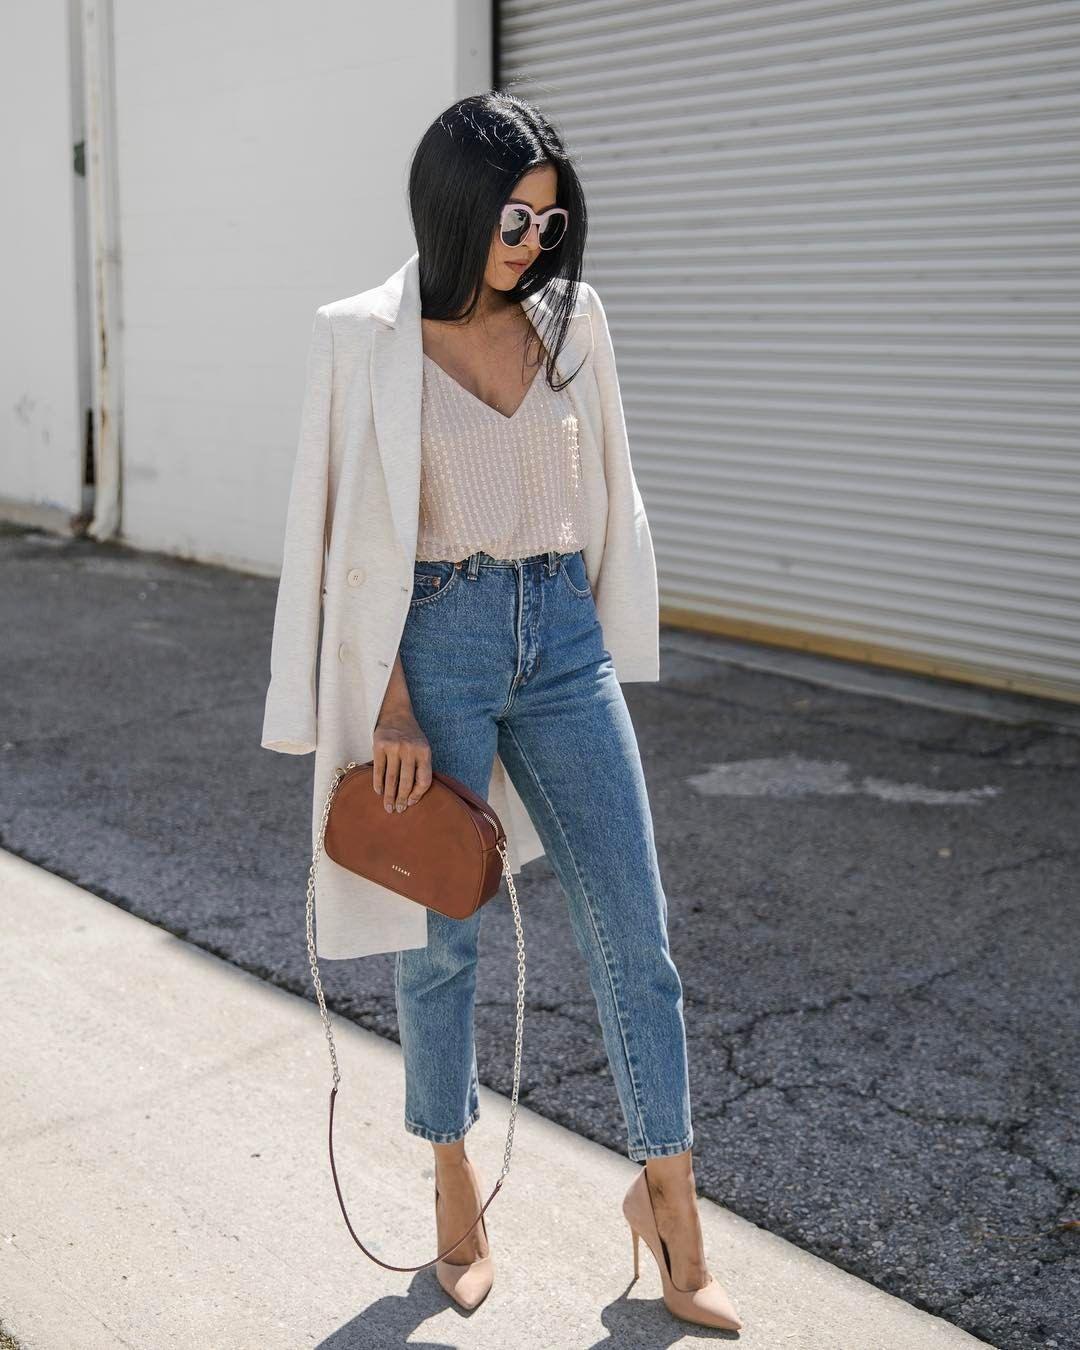 джинсы в офис фото 6